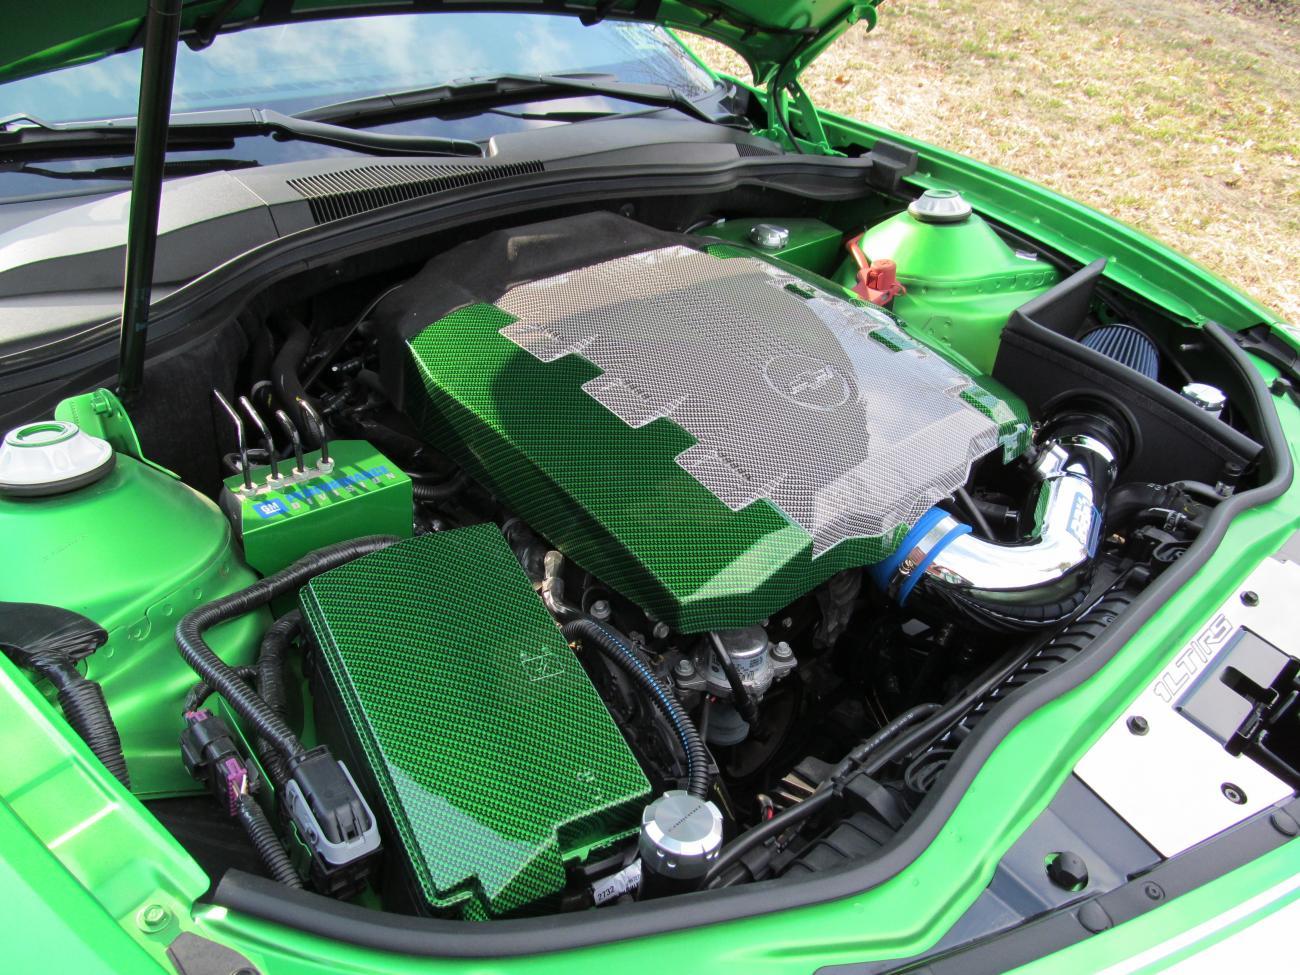 Zl1 Ss Lt V8 V6 Engine Bay Upgrades Hydro Dip Camaro5 Chevy